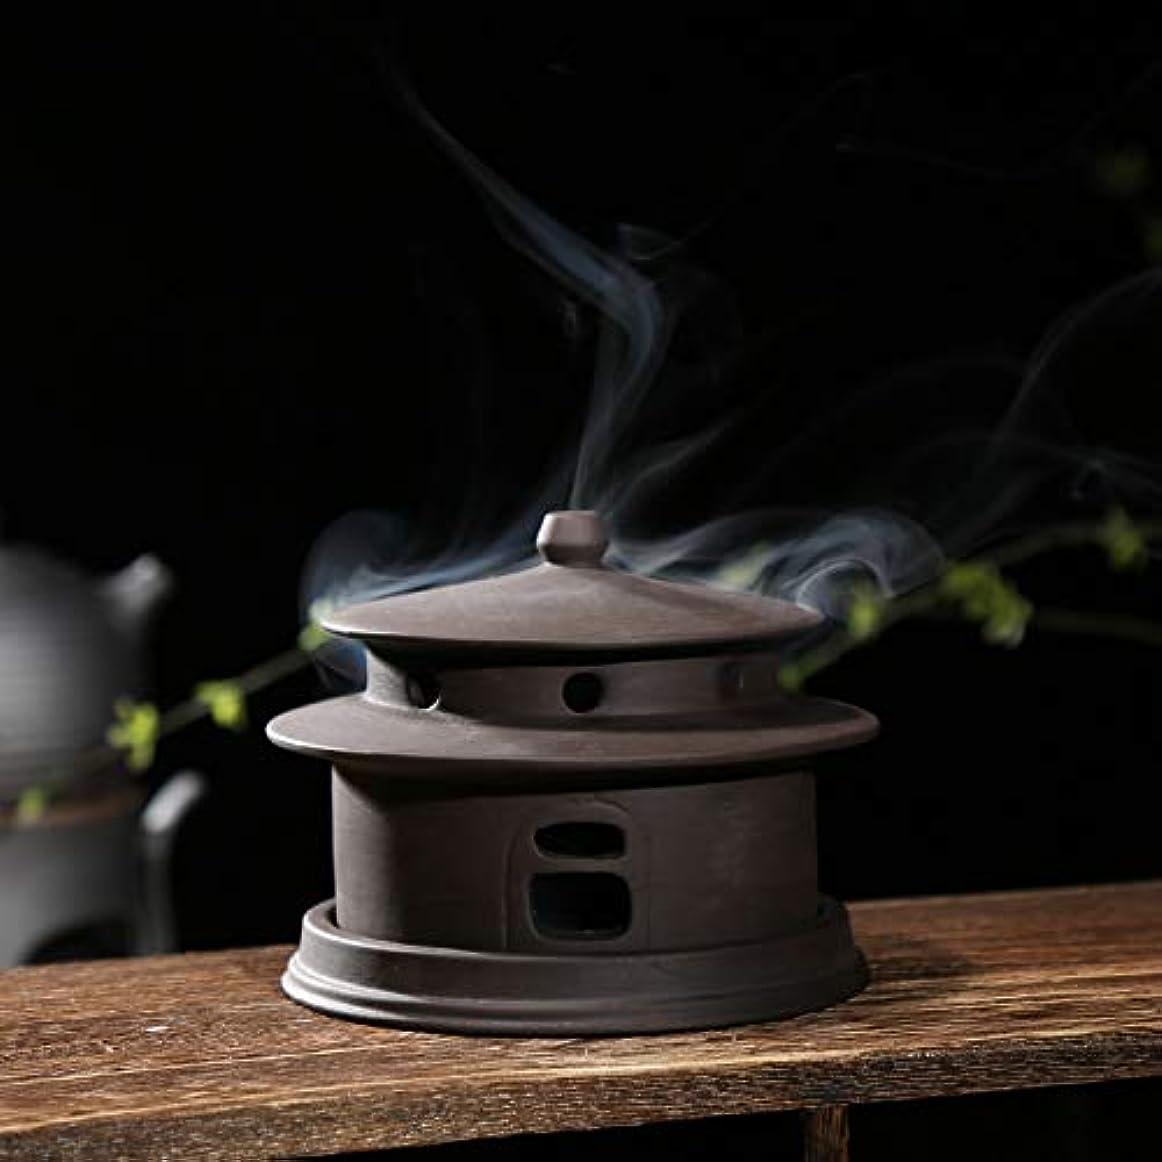 間類人猿ささいなPHILOGOD 陶器香炉 線香立て仏壇用 クリエイティブモデリング手作り 香皿